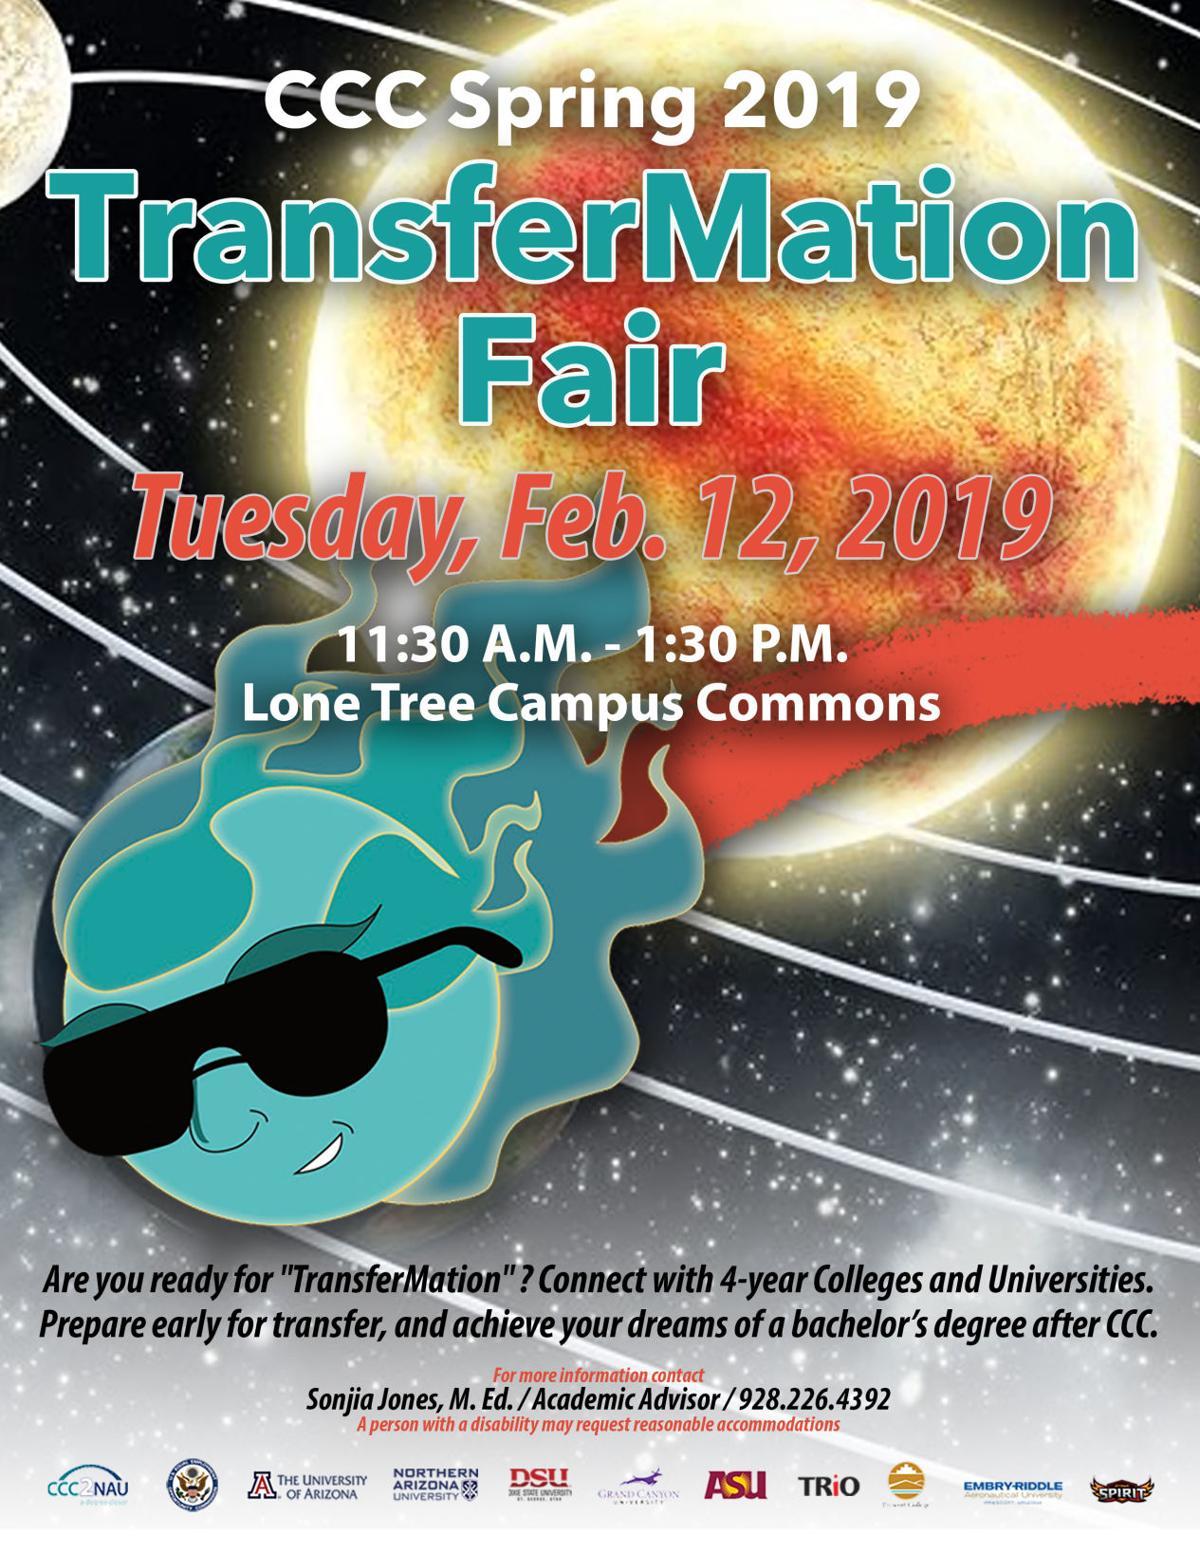 TransferMation Flier